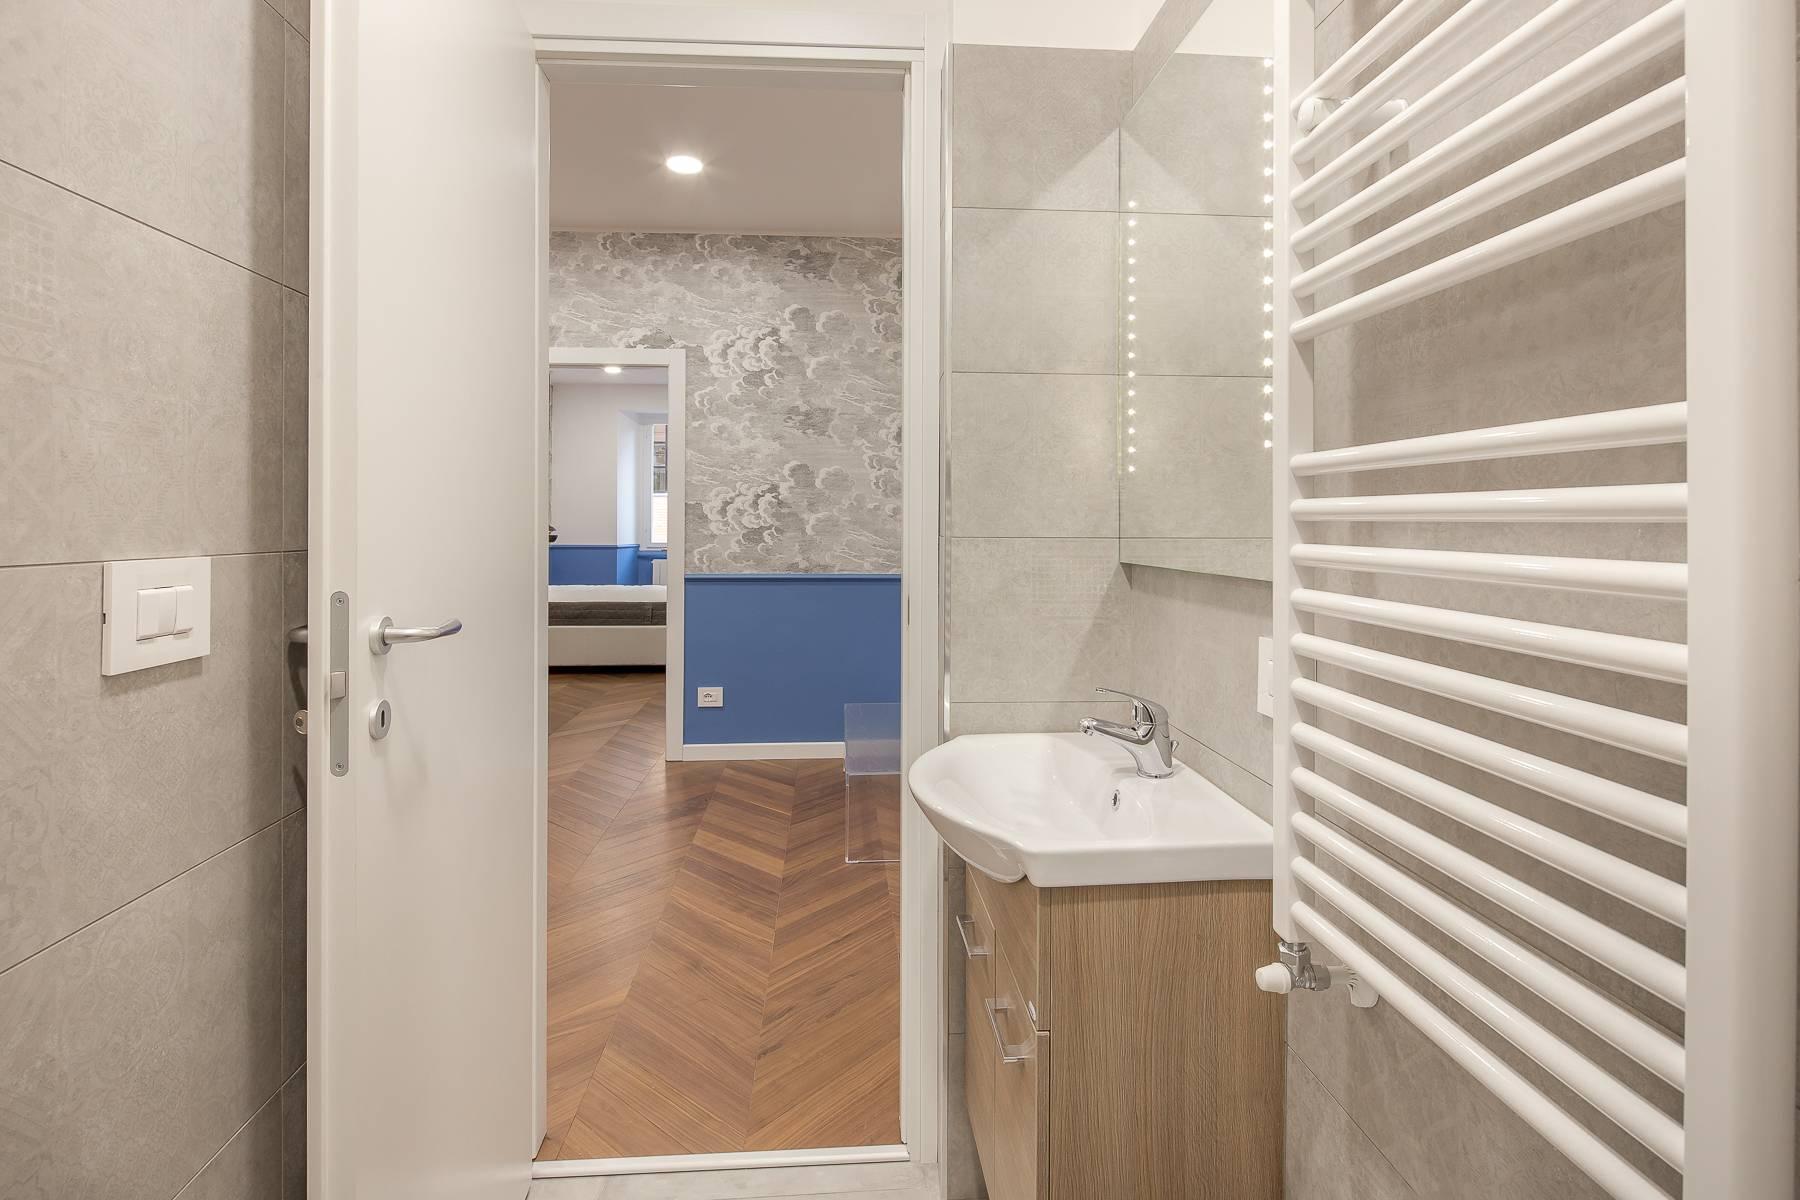 Elegante renovierte Zwei-Zimmer-Wohnung in Brera - 16